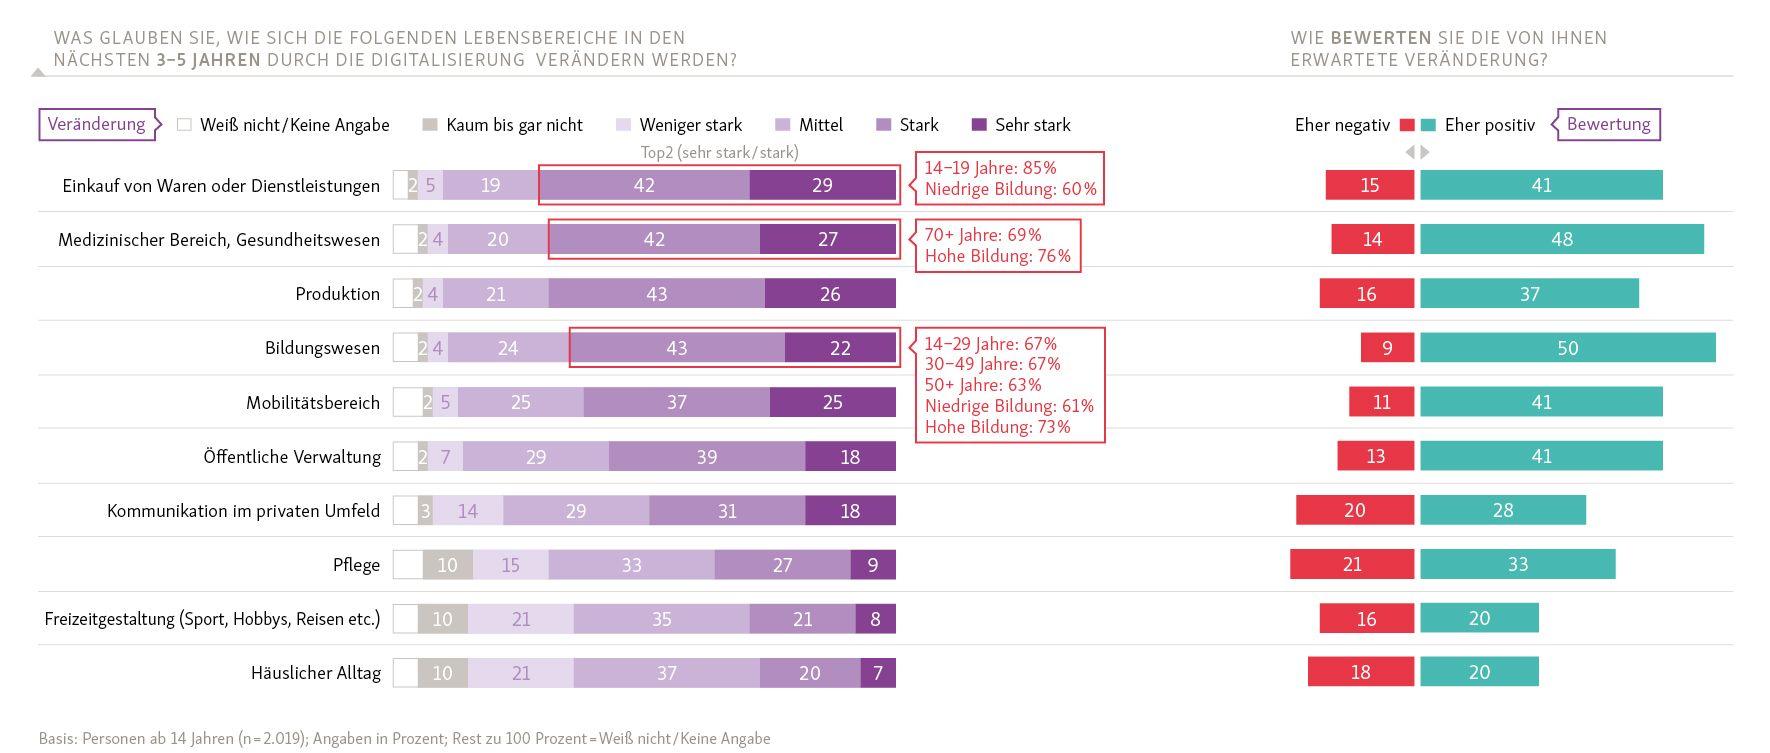 D21 Digitalindex: Welche Erwartungen haben die Teilnehmer an die vermuteten Veränderungen?